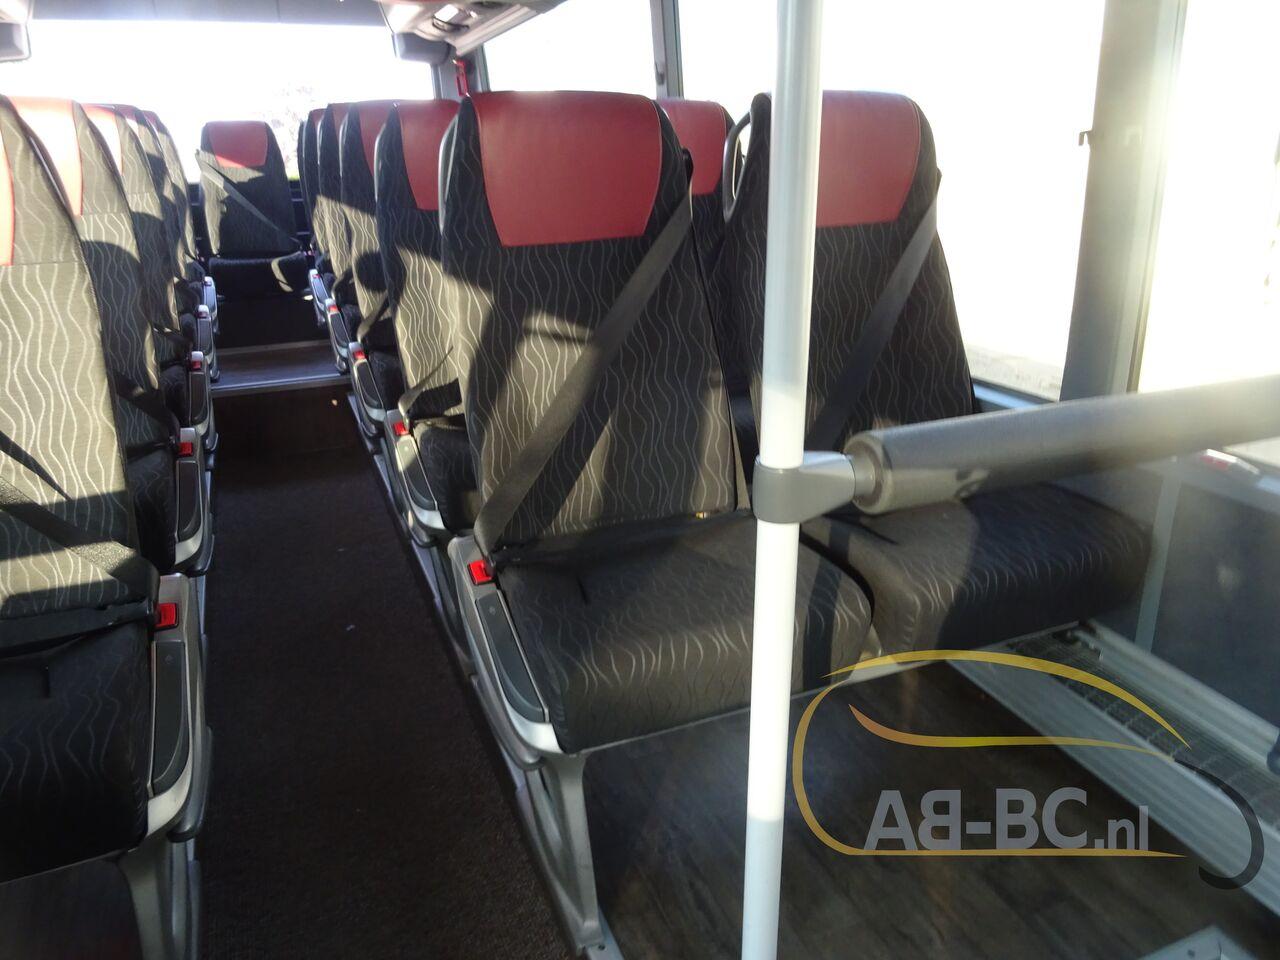 coach-bus-SETRA-S415H-52-Seats-EURO-6-Liftbus---1630913443932420555_big_7cf1b172c6d7e61a20826d94e6bec8a1--21070517141280735500